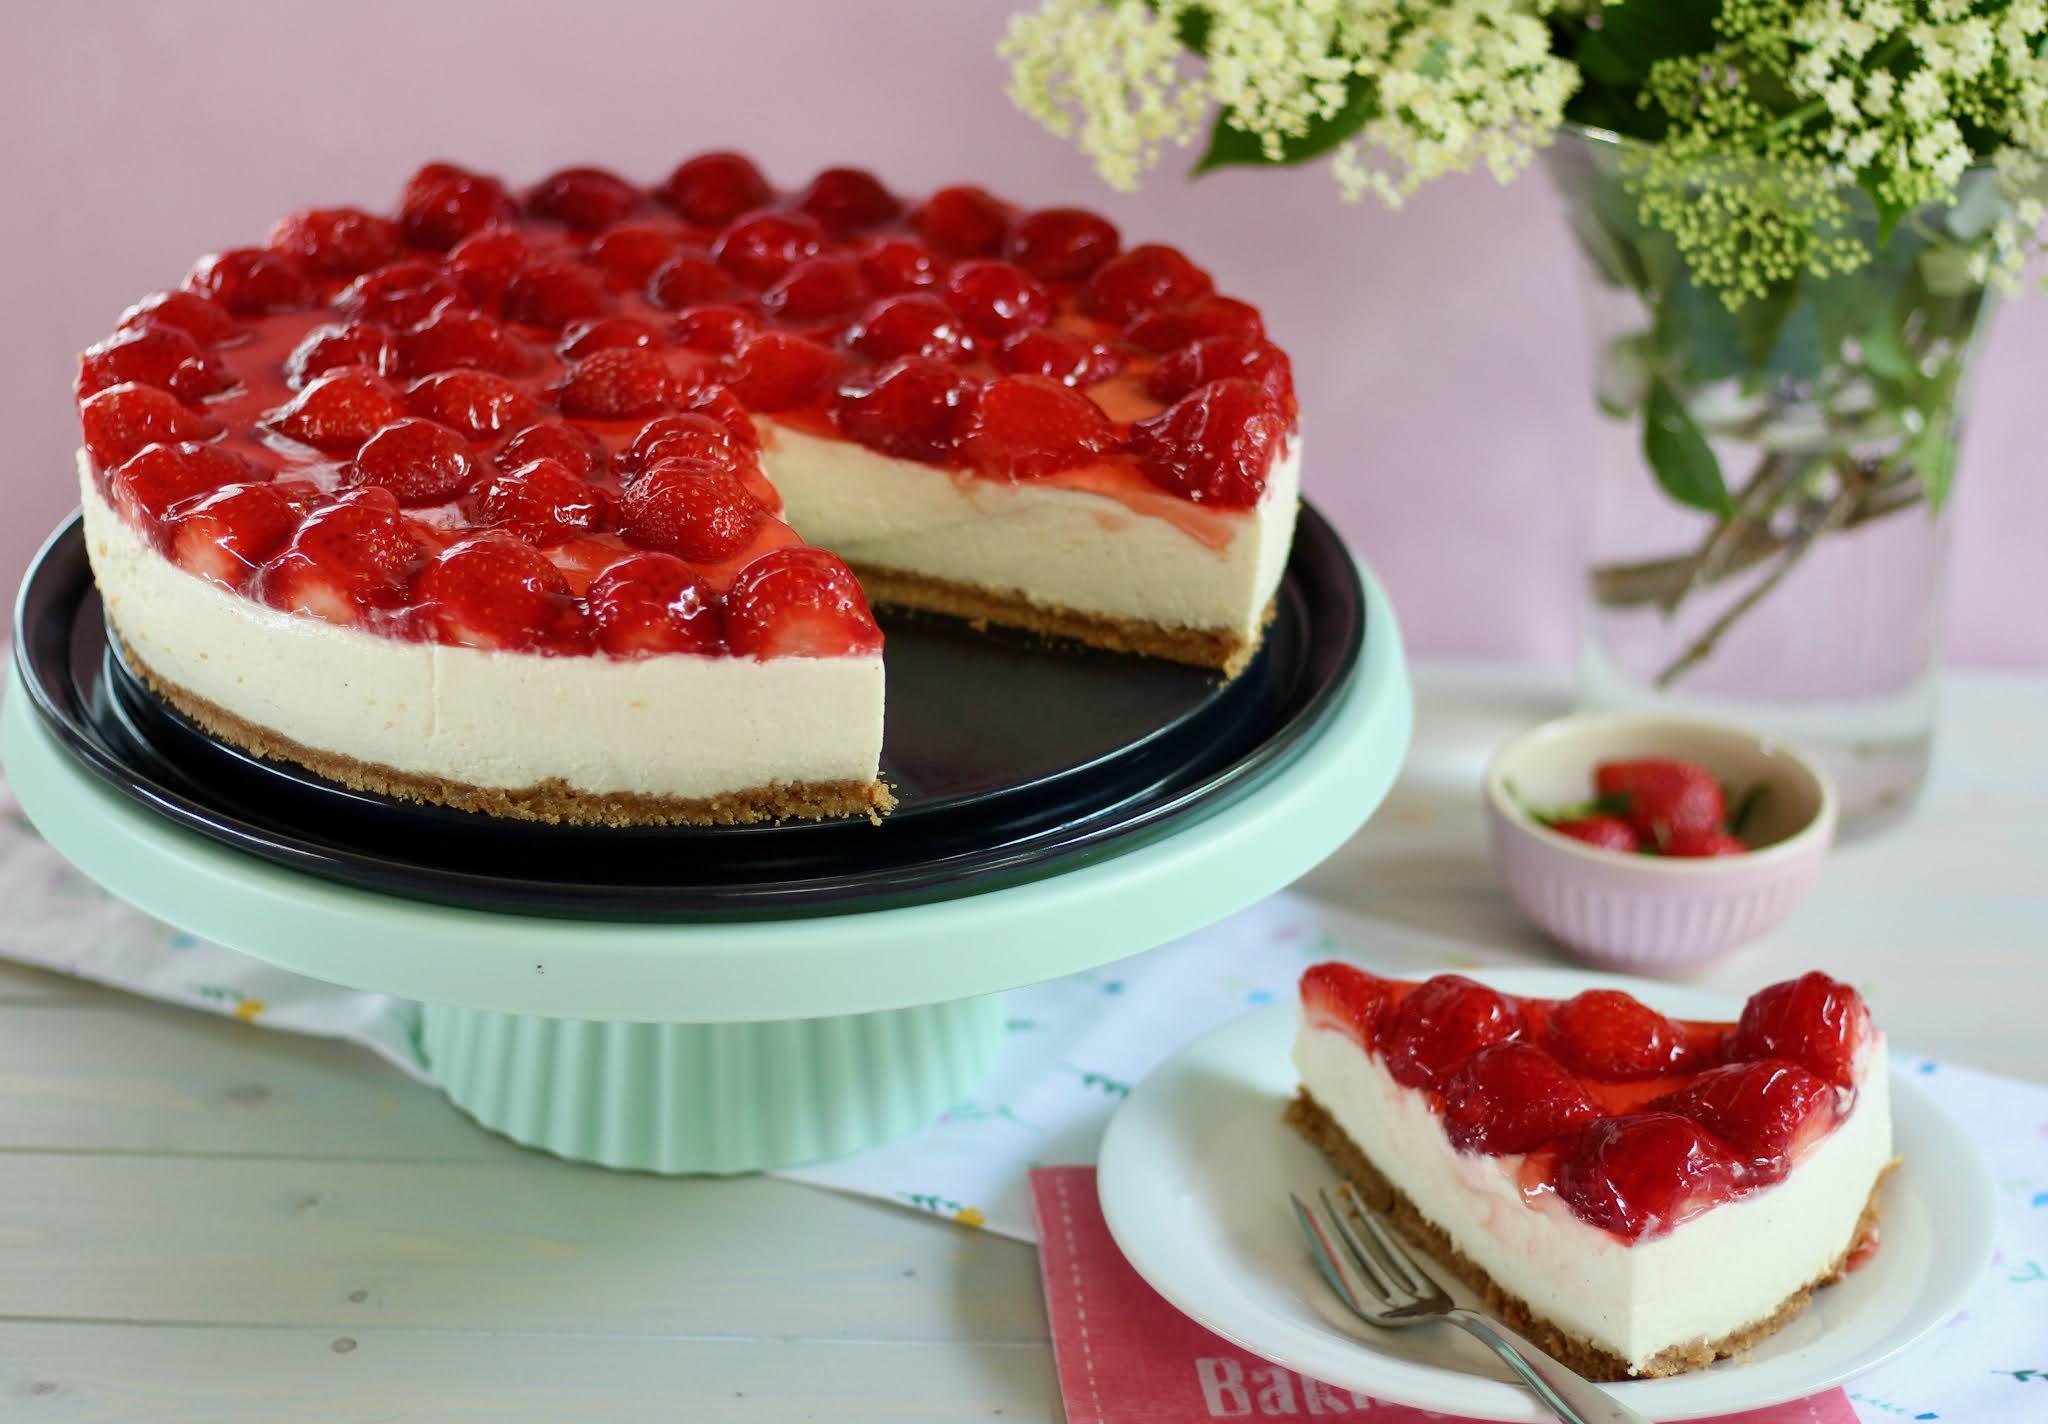 Erdbeer-Holunderblüten-Torte ohne Backen: Super einfach! Rezept und Video von Sugarprincess